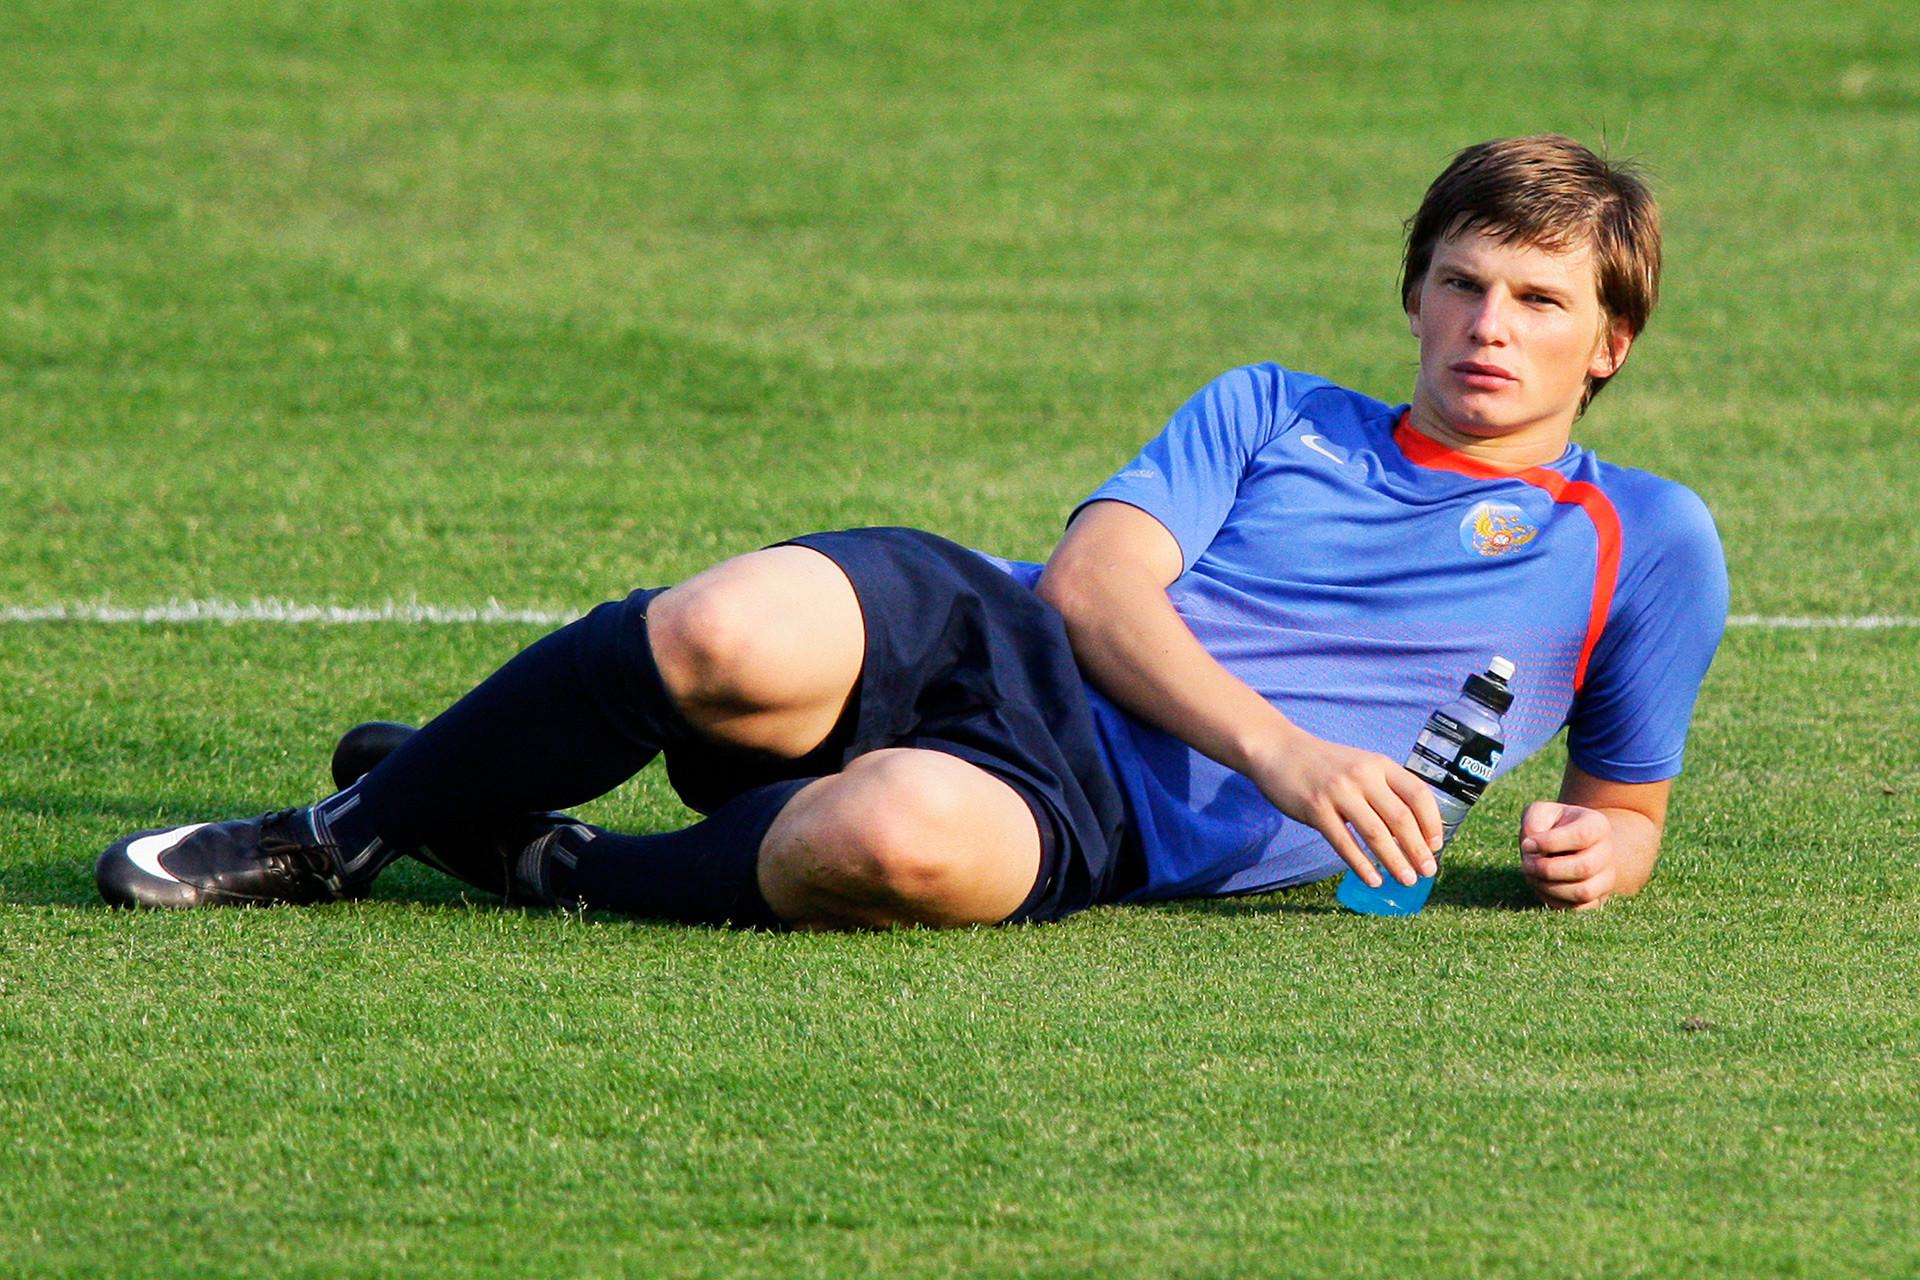 L'ex capitano della Nazionale russa di calcio Andrej Arshavin